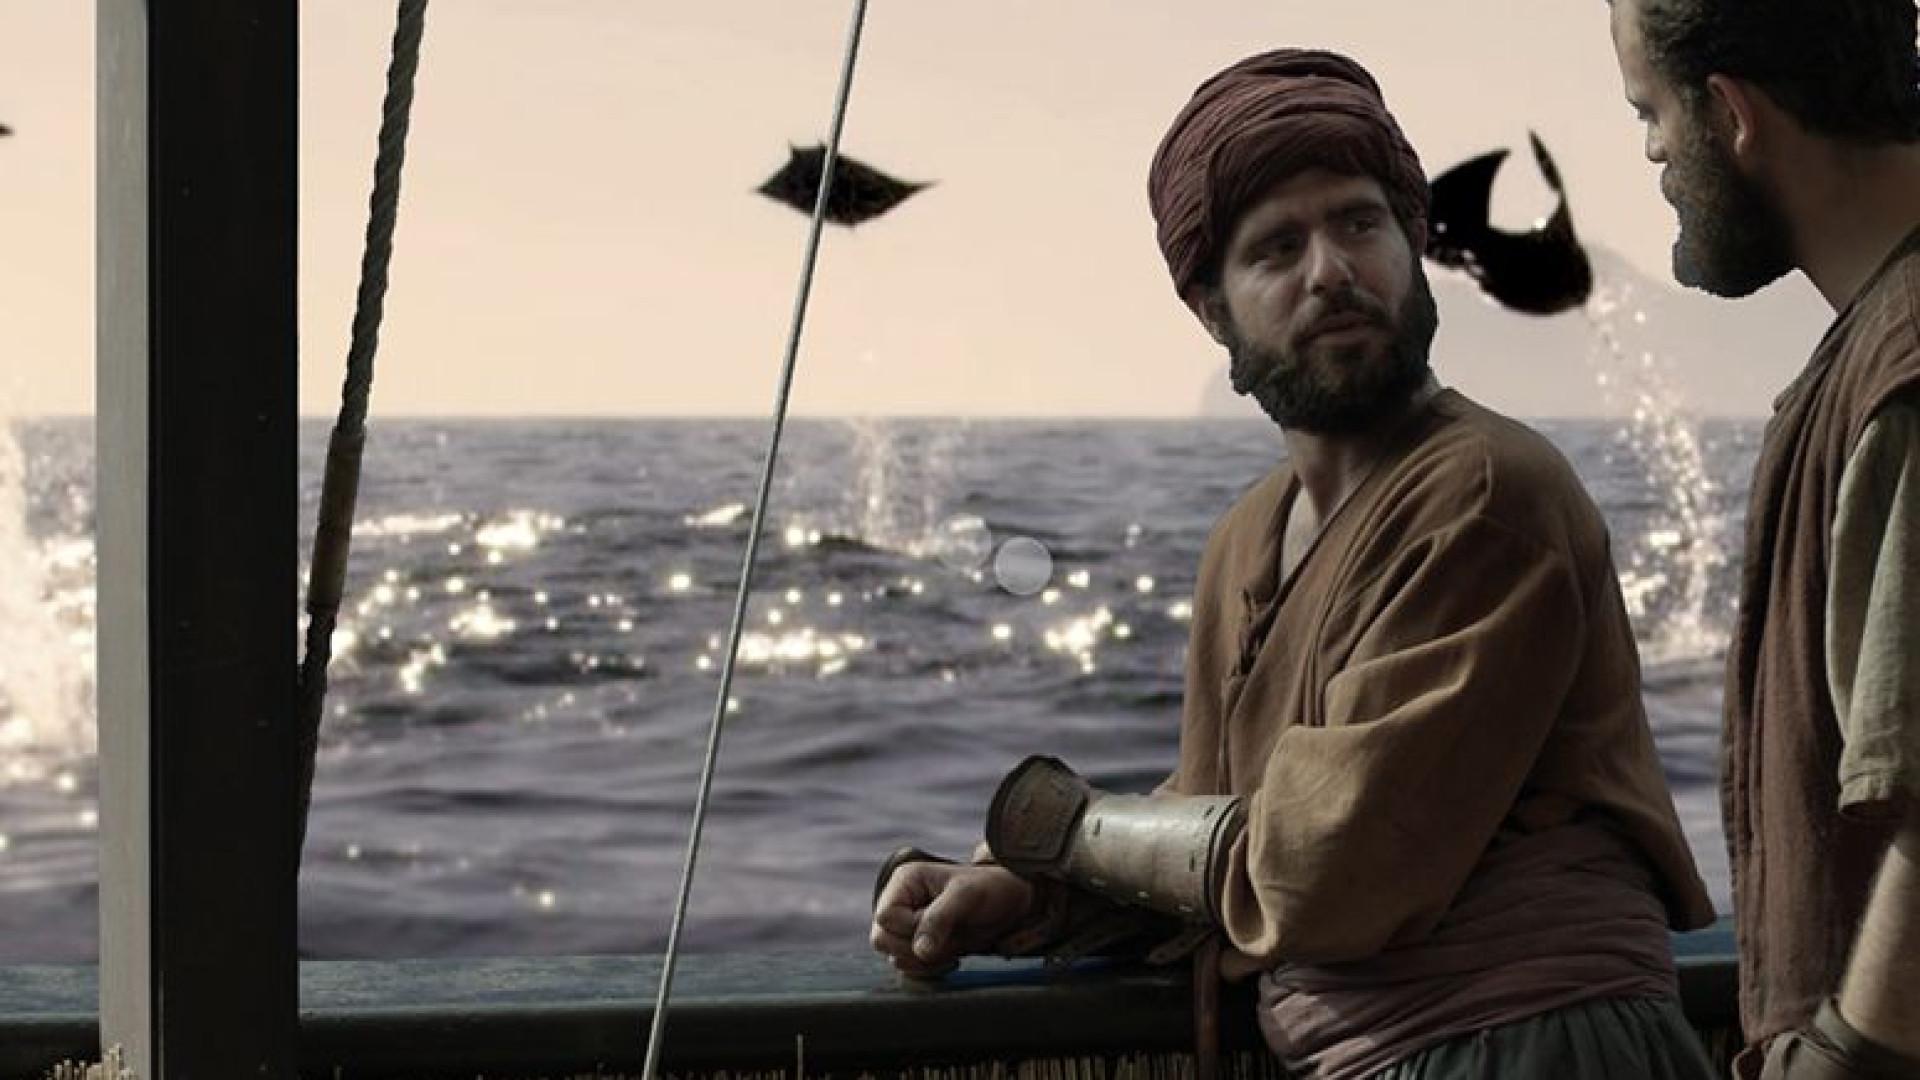 'Peregrinação' de João Botelho candidato a nomeação para Óscares e Goya